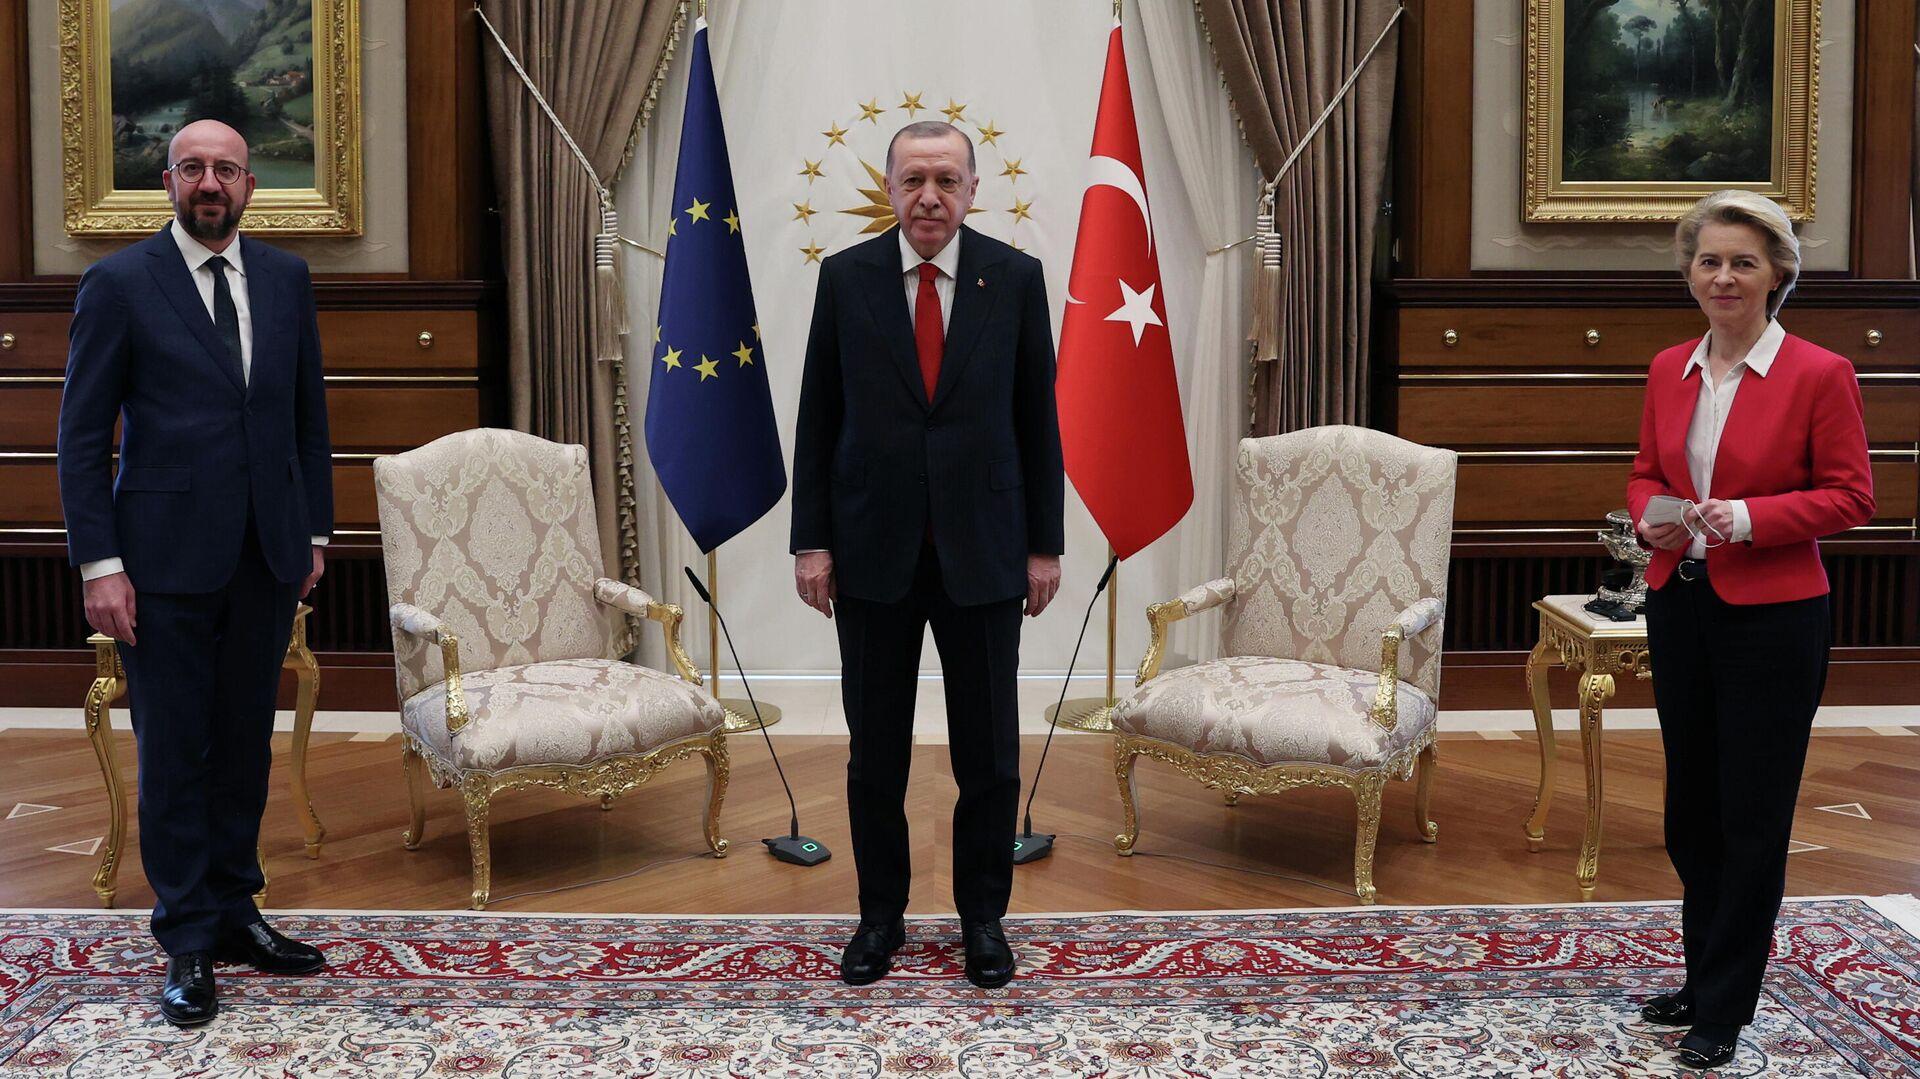 El presidente del Consejo Europeo, Charles Michel, el presidente de Turquía, Recep Tayyip Erdogan y la jefa de la Comisión Europea (CE), Ursula von der Leyen. - Sputnik Mundo, 1920, 07.04.2021